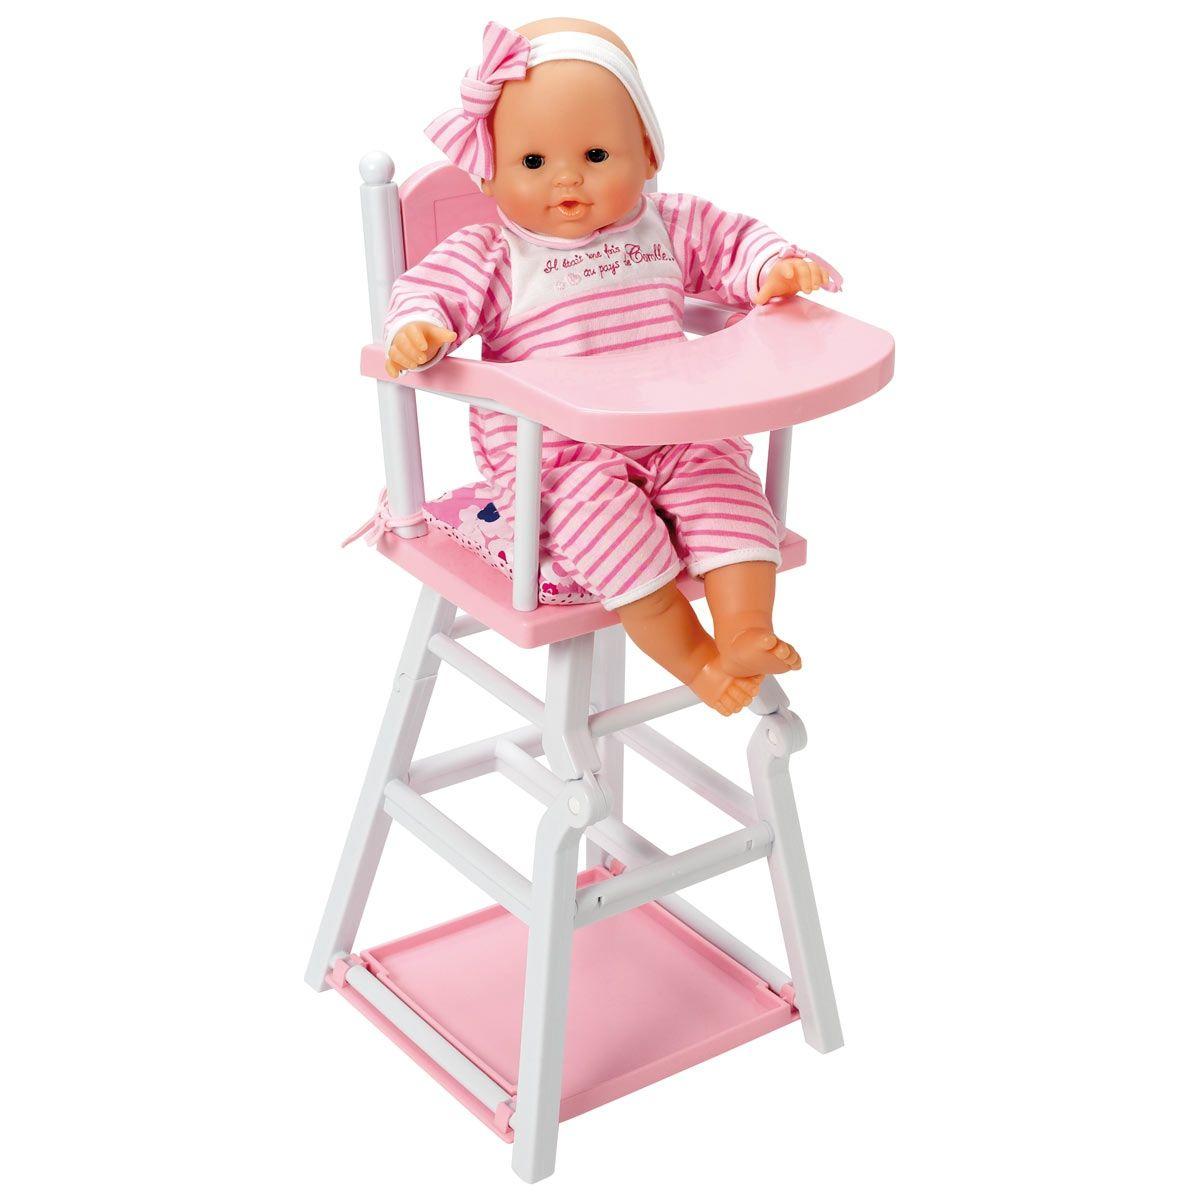 Corolle Mon Classique High Chair X05060 Chaise Haute Poupee Bebe Barbie Maison De Poupee Barbie